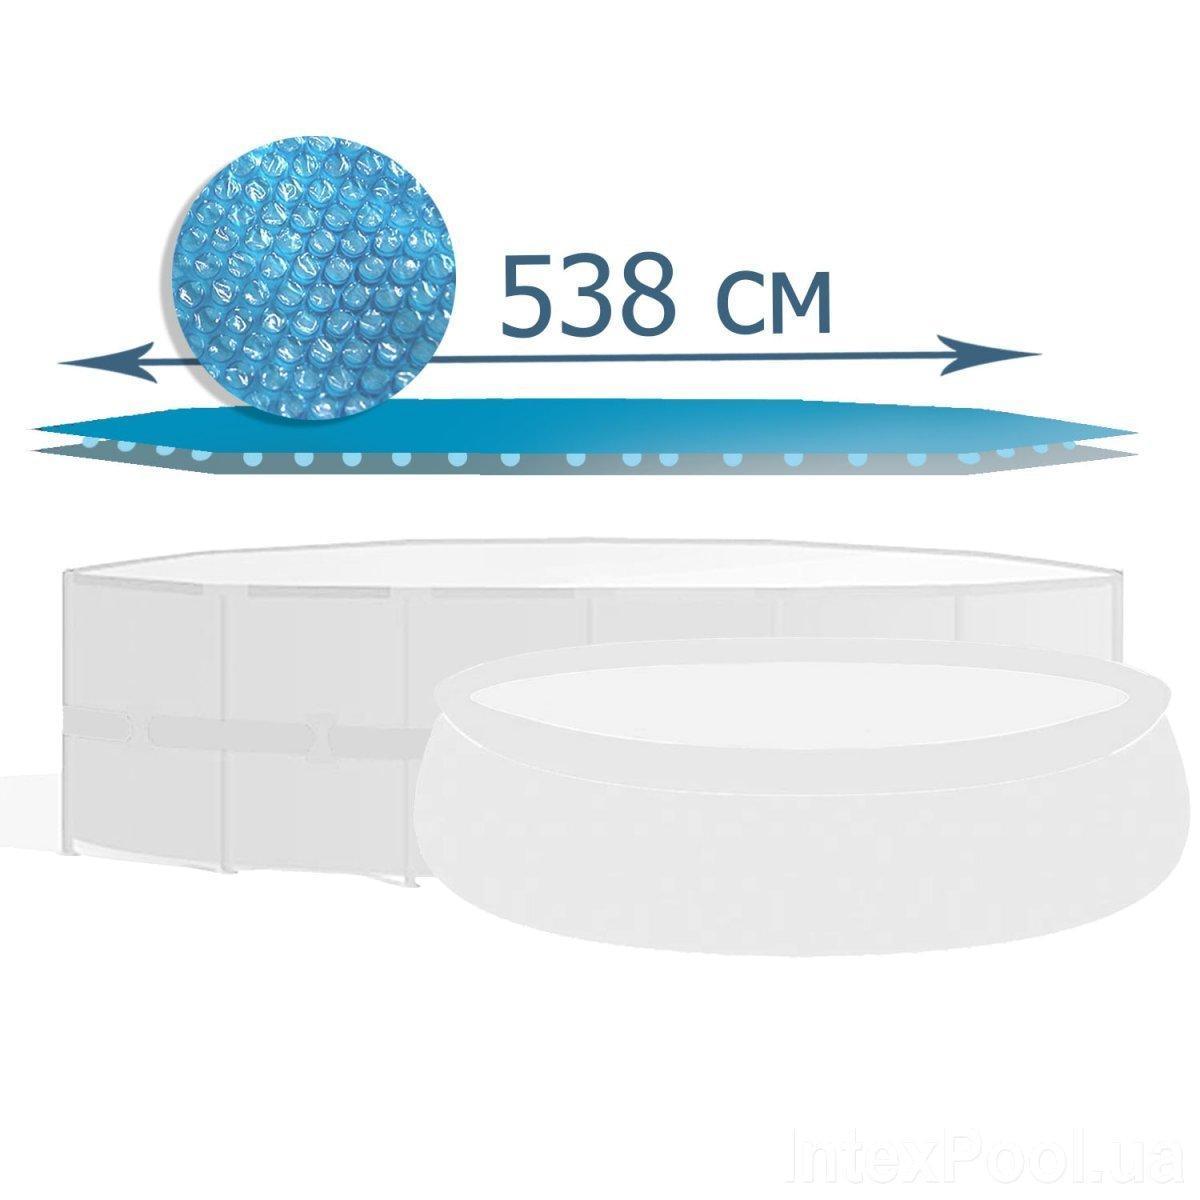 Теплосберегающее покрытие (солярная пленка) для бассейна Intex 538 см (для бассейнов 549 см) (29025)